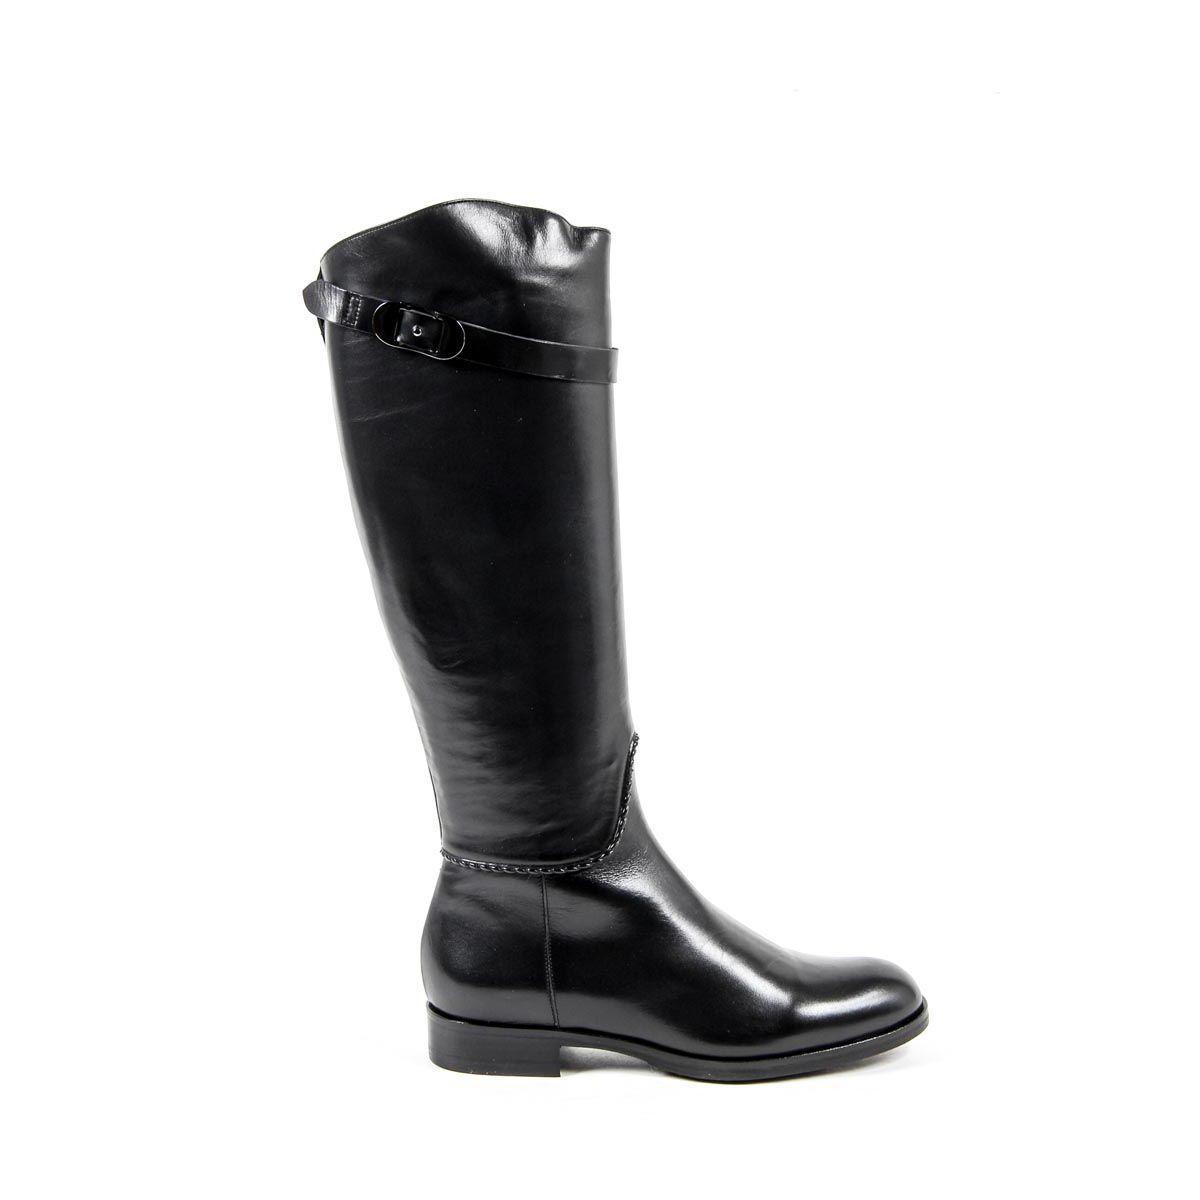 Versace 19.69 Abbigliamento Sportivo Srl Milano Italia Womens High Boot B2414 VITELLO NERO